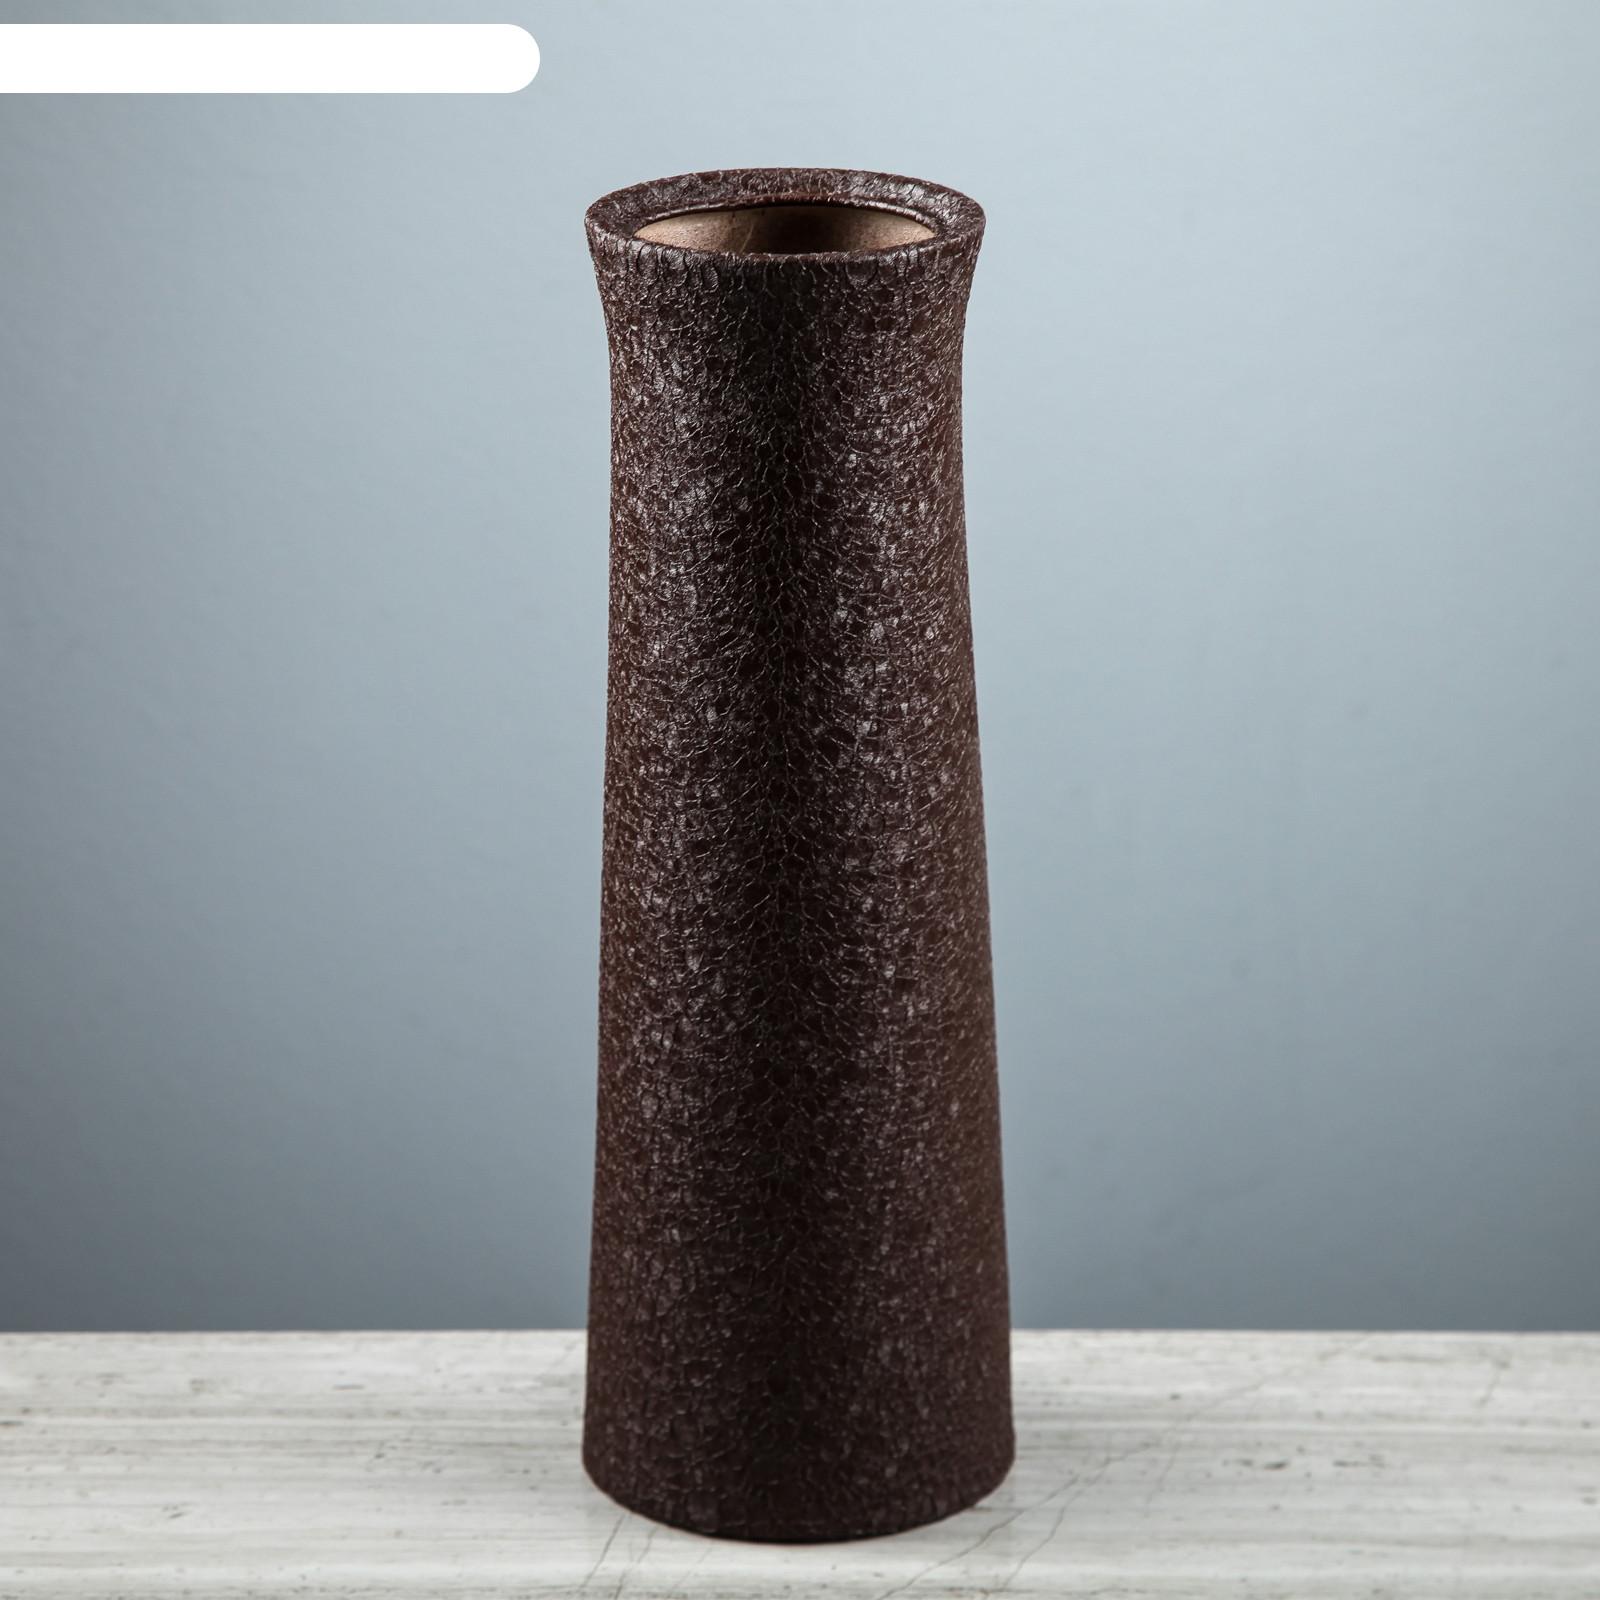 Ваза напольная элита шёлк, коричневая, 40 см (3729886) купить в интернет магазине Бельведор, Москва